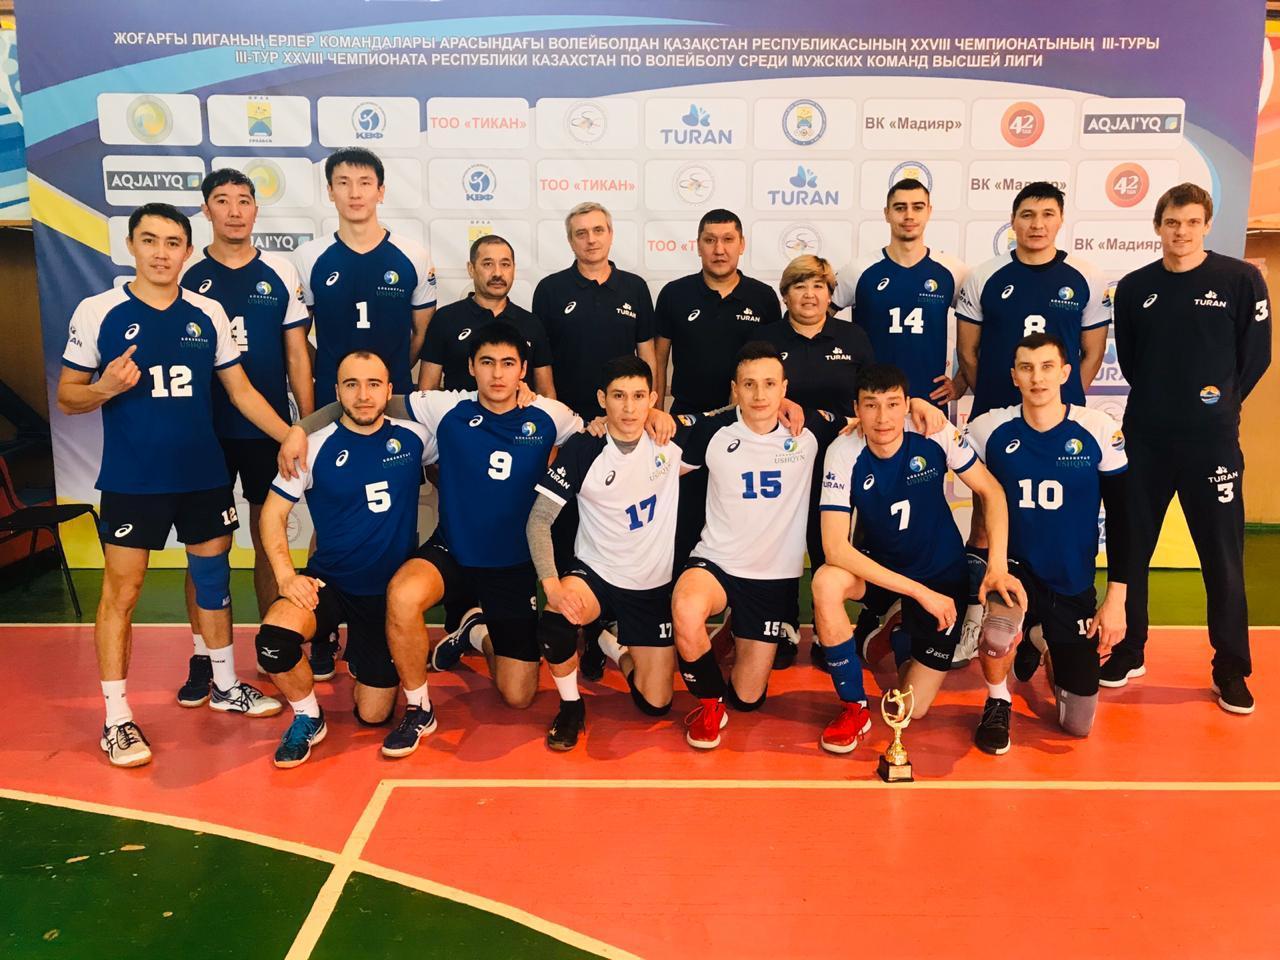 Волейбол:«Ұшқын — Көкшетау»командасы ел чемпионы атанды